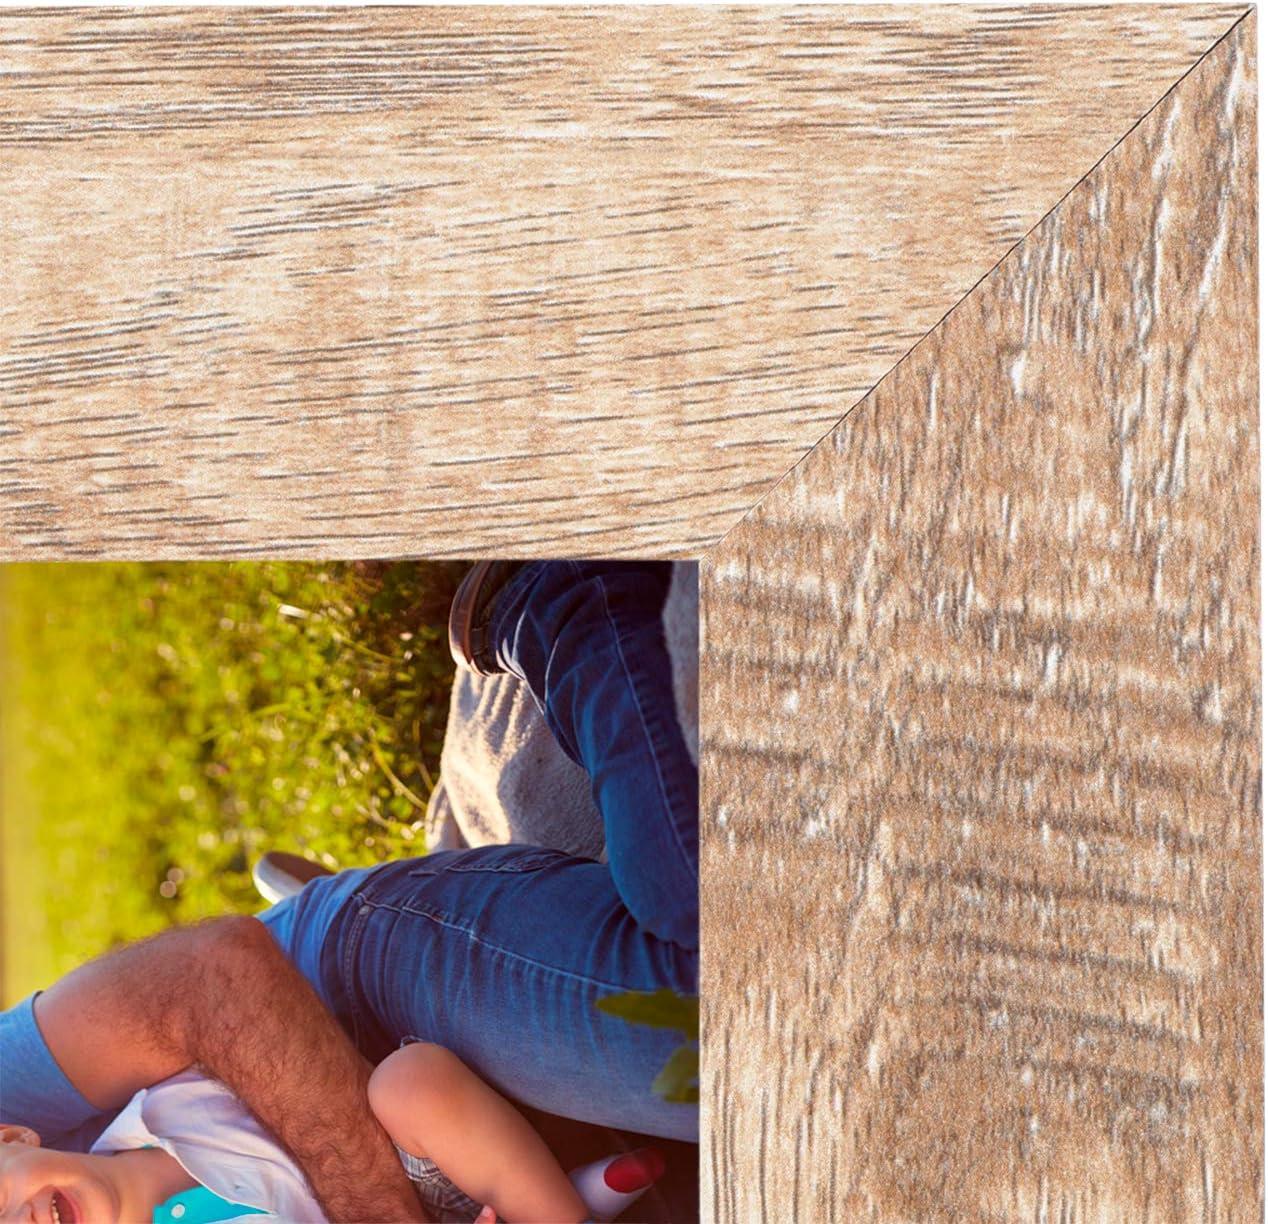 Vintage Cadre en Bois Rustique Cadre Photo avec Verre Haute d/éfinition pour Un Affichage de Dessus de Table Mural Lot de 3 Bois Vintage, 5x7 HelaAccueil Cadres Photo en Bois